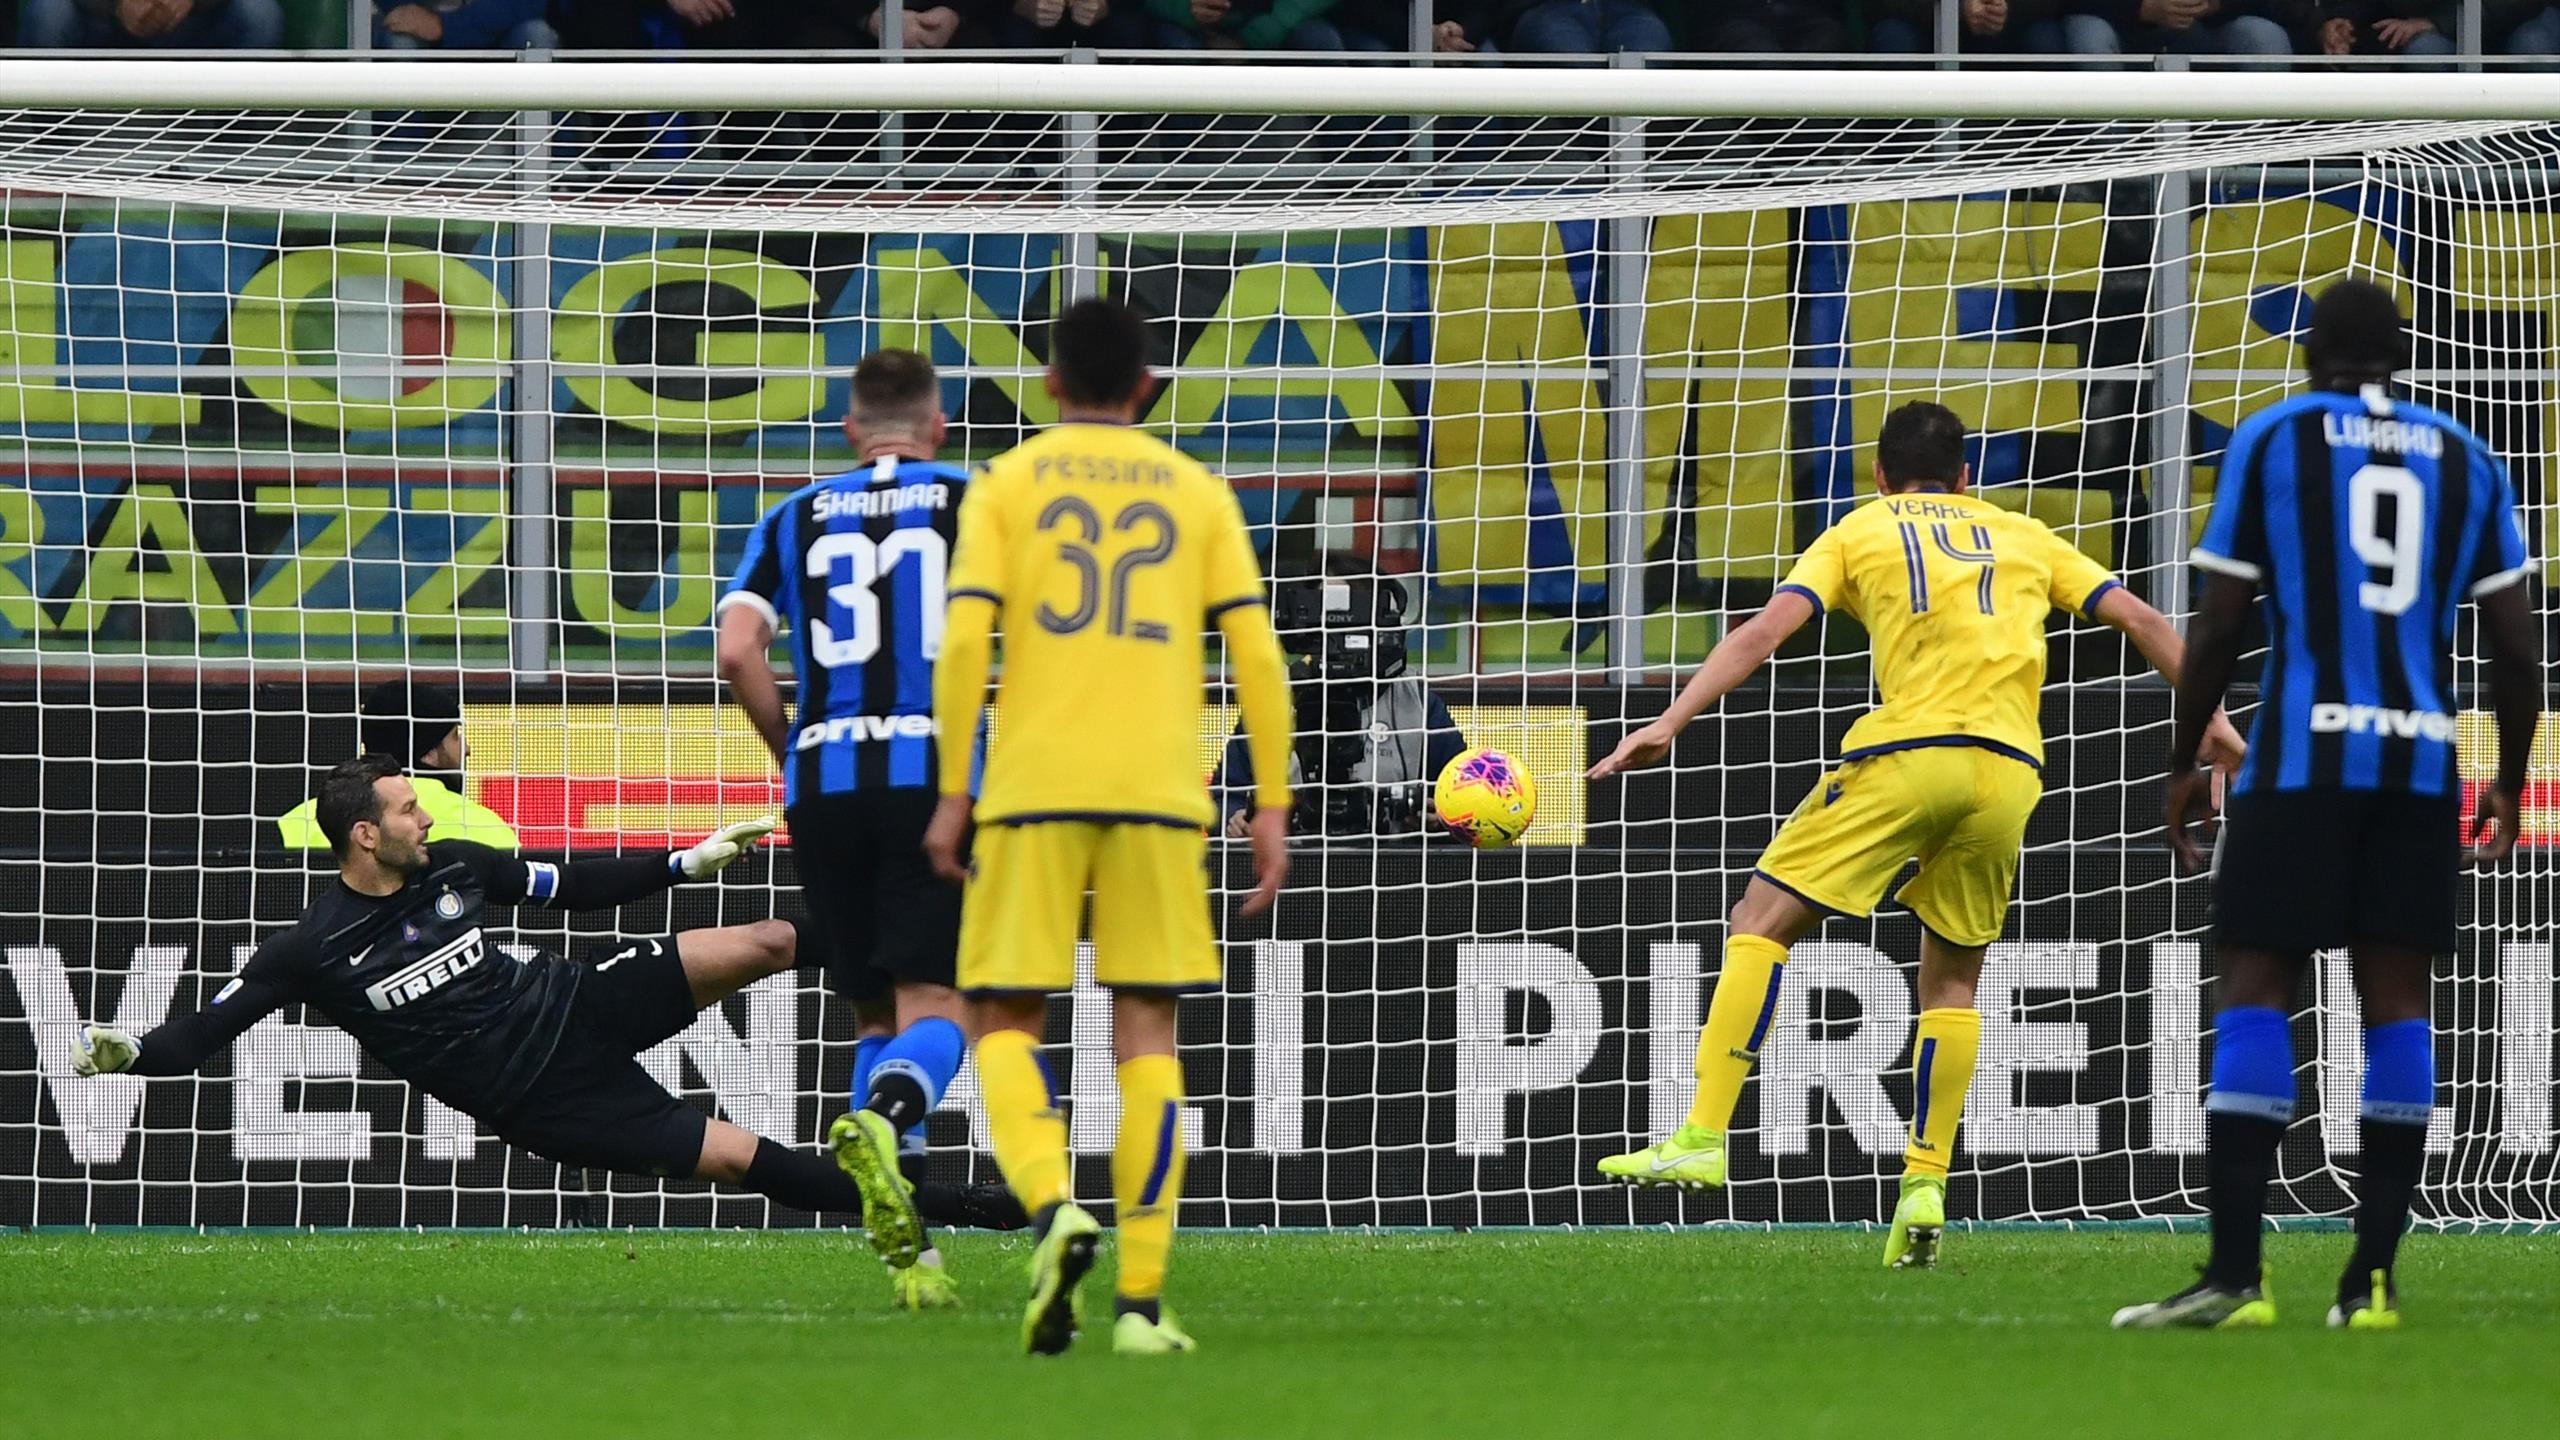 Le pagelle di Inter-Verona 2-1: Lukaku e Lautaro poco ...